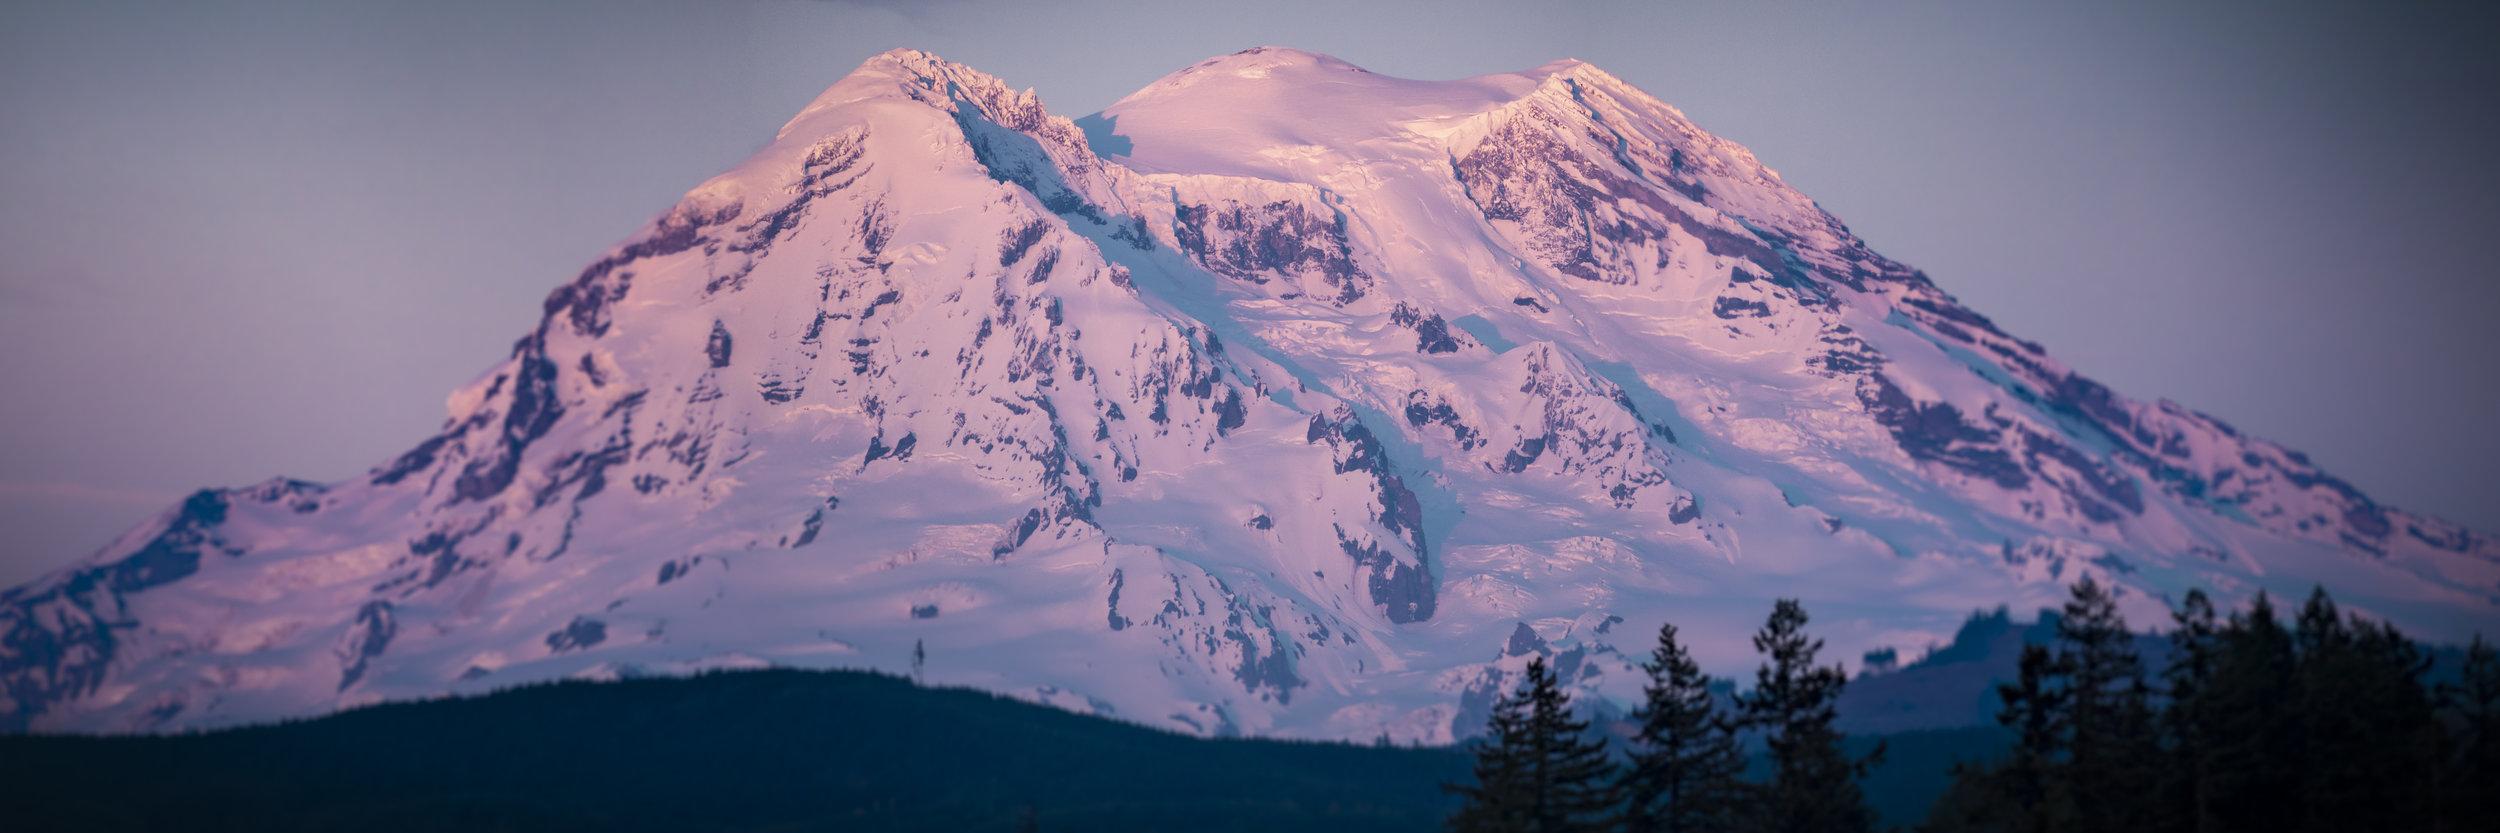 Mt_Rainier_Sunset_Panorama_Blurry_Vignette_Zoom.jpg